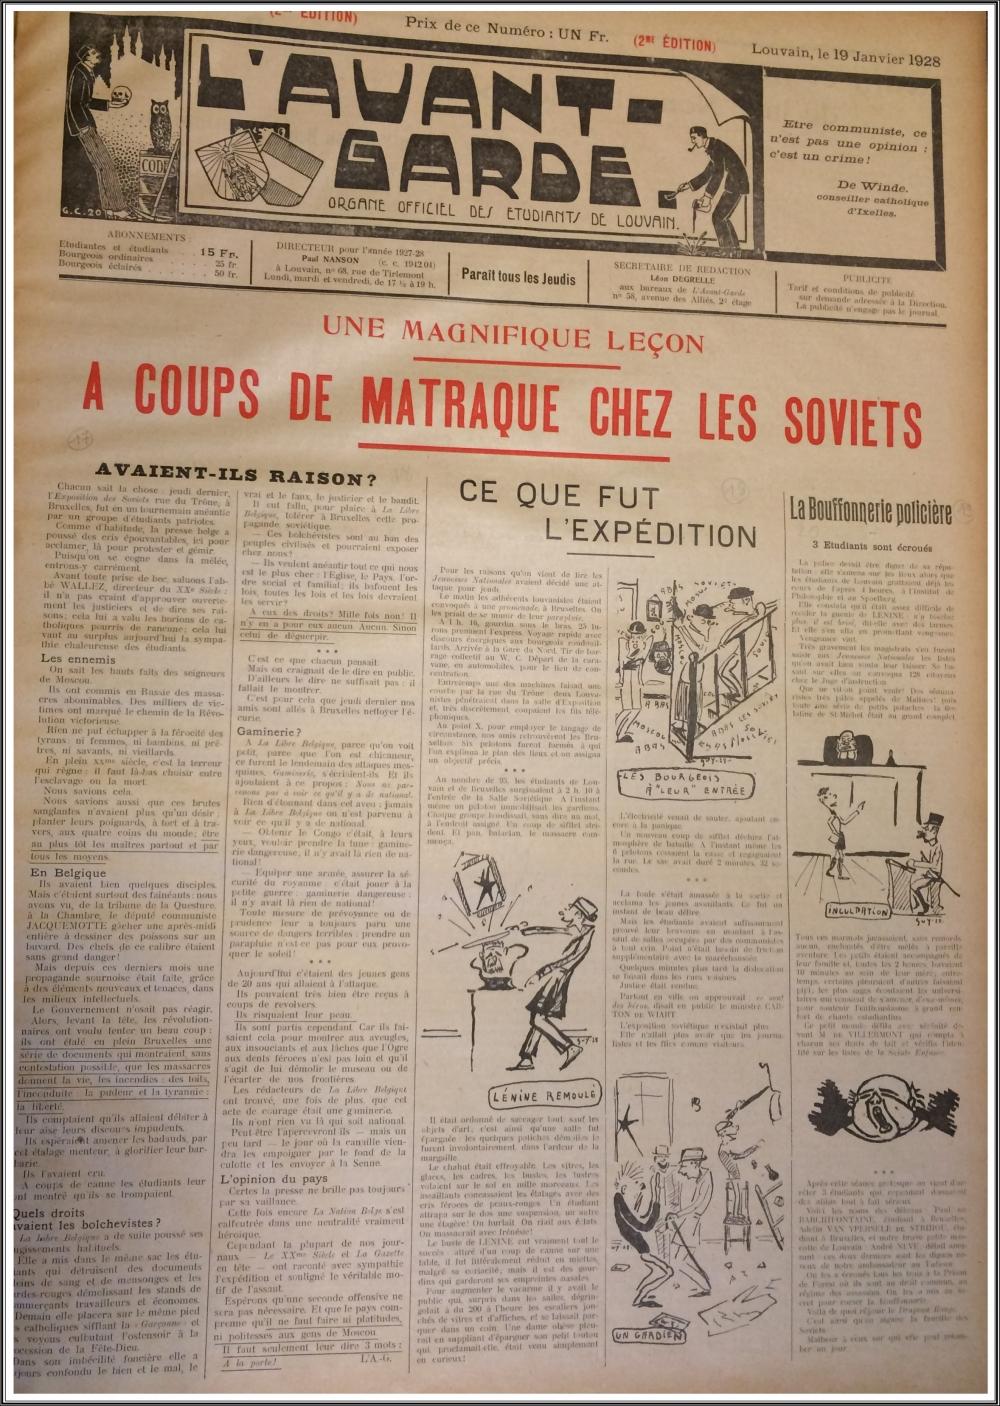 14 Avant-Garde 19_01_1928 Soviets.JPG